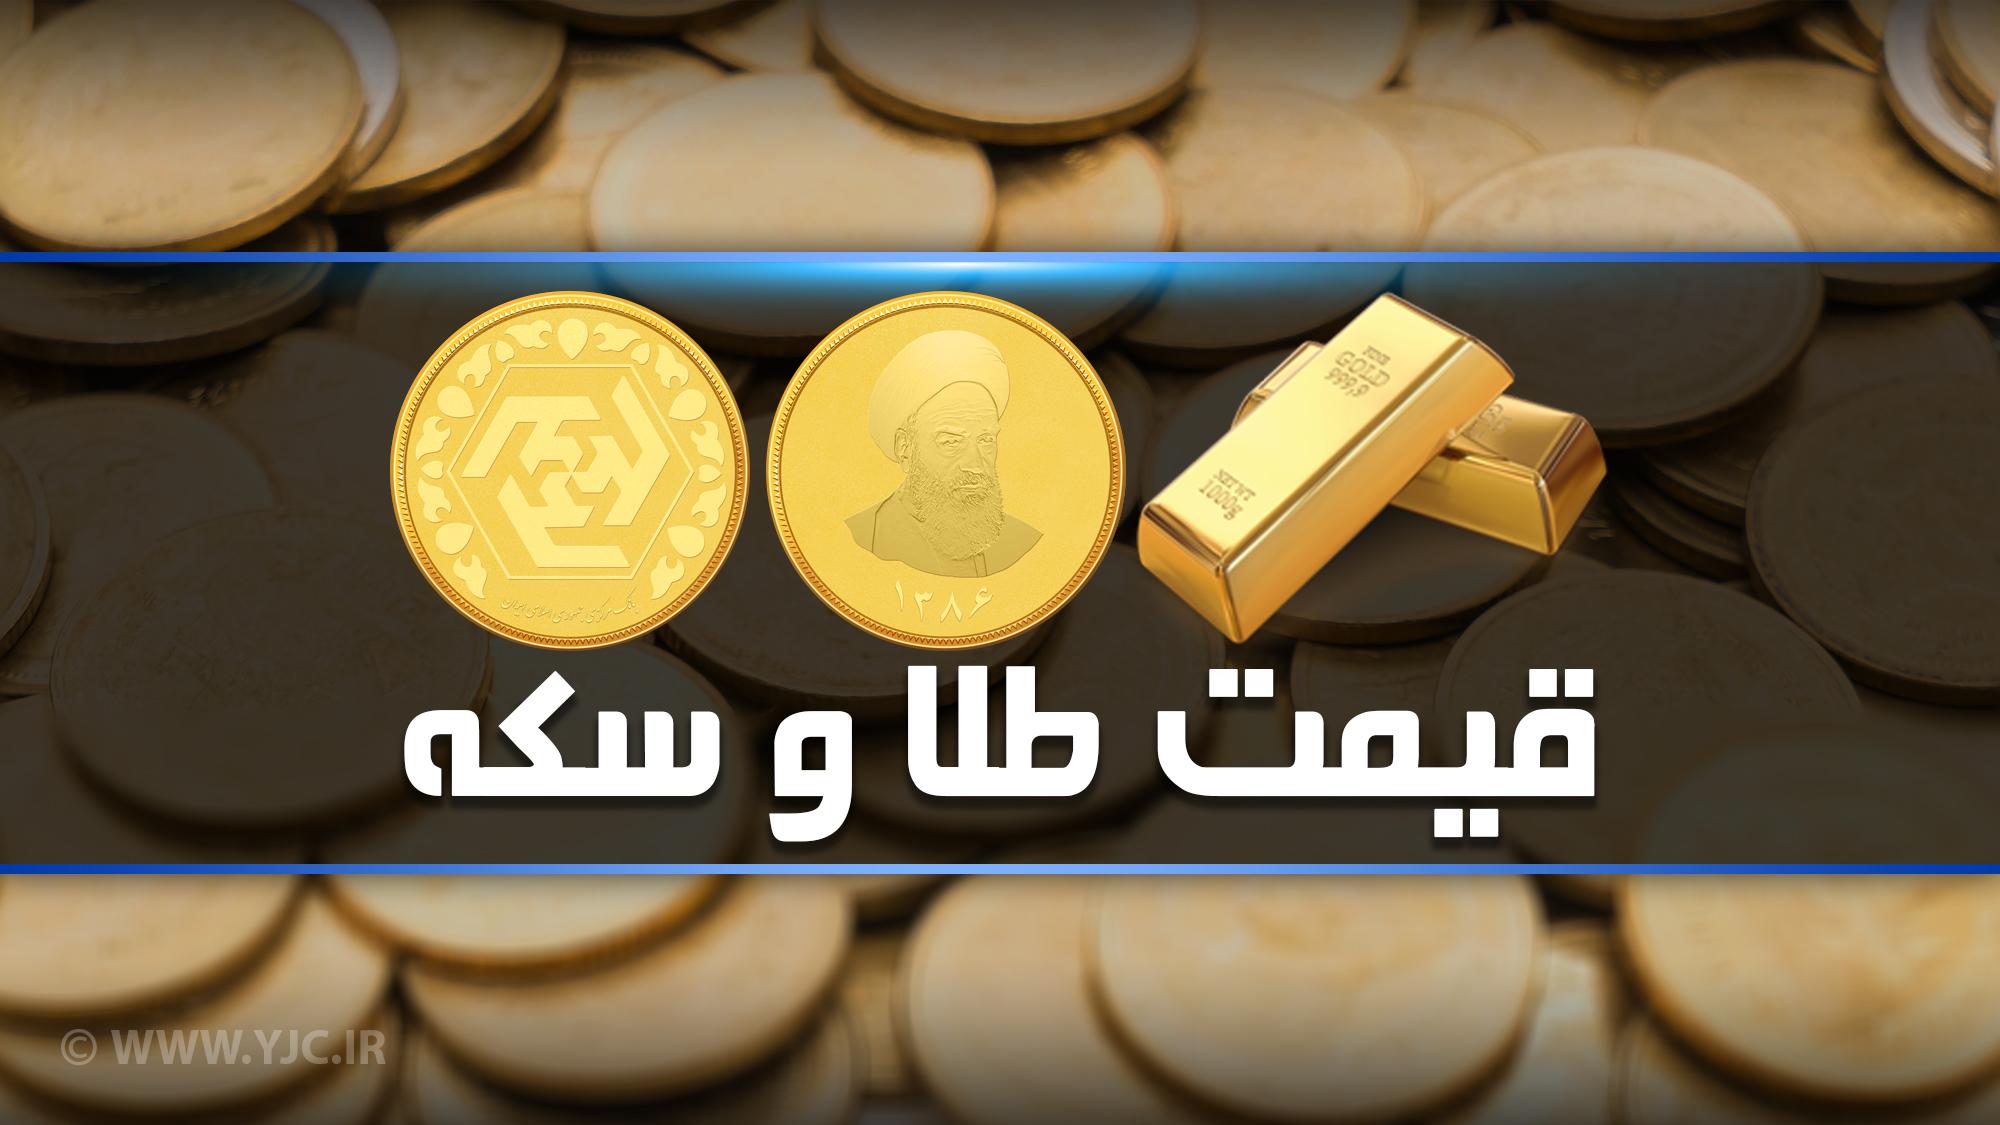 نرخ سکه و طلا در ۱۱ آذر / قیمت طلای ۱۸ عیار ۴۴۲ هزار تومان شد + جدول